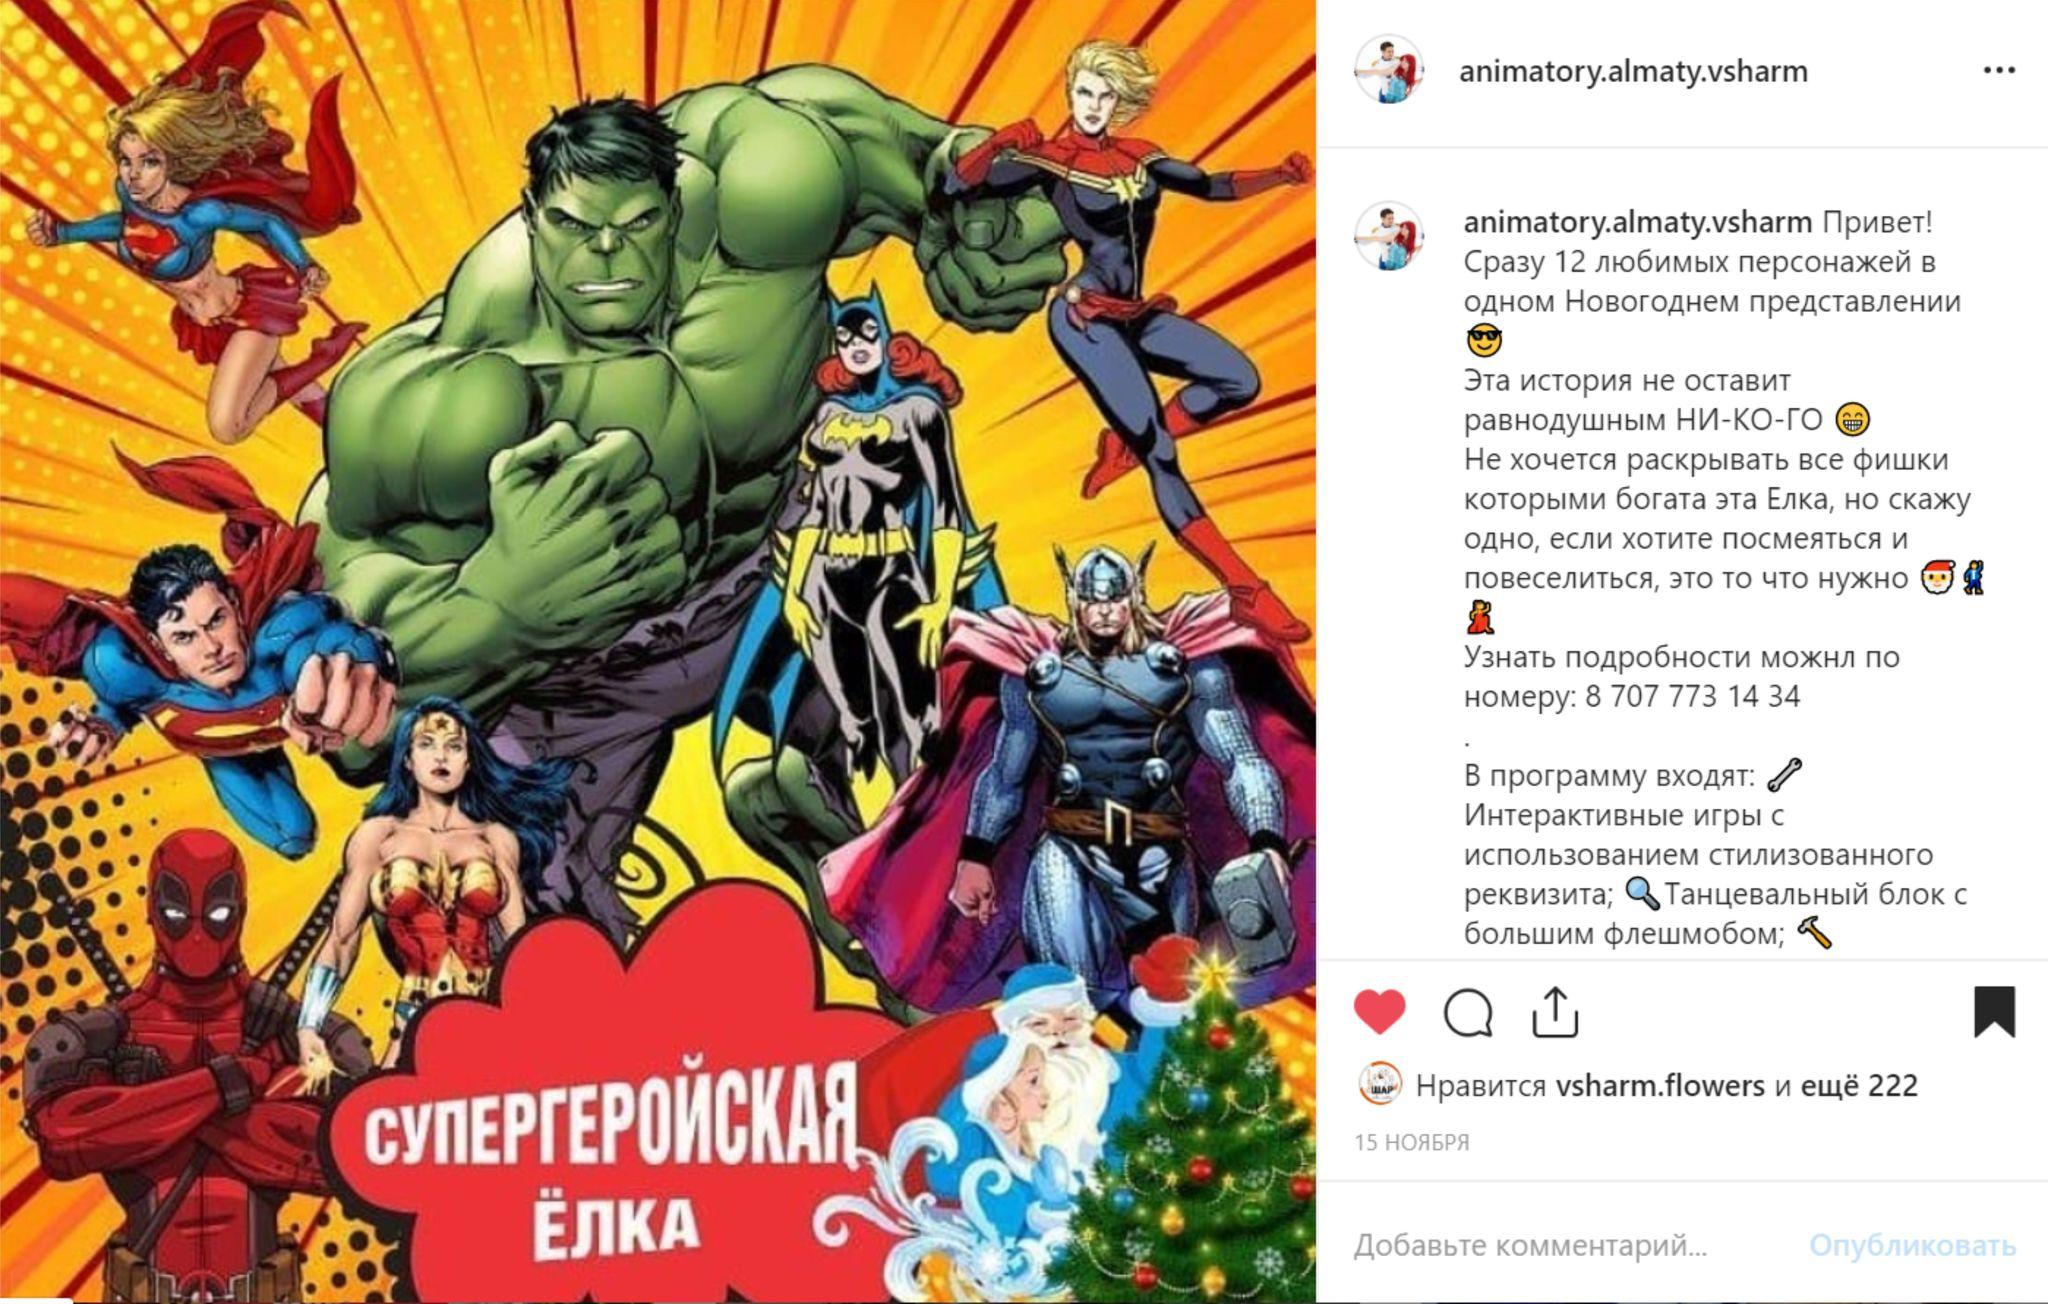 У нас открыт прием заявок на проведение новогодних утренников в школах и детсадах 🤗 В новый 2020 год мы предлагаем спектакли:  ✔ Новогдняя Вселенная Супергероев.